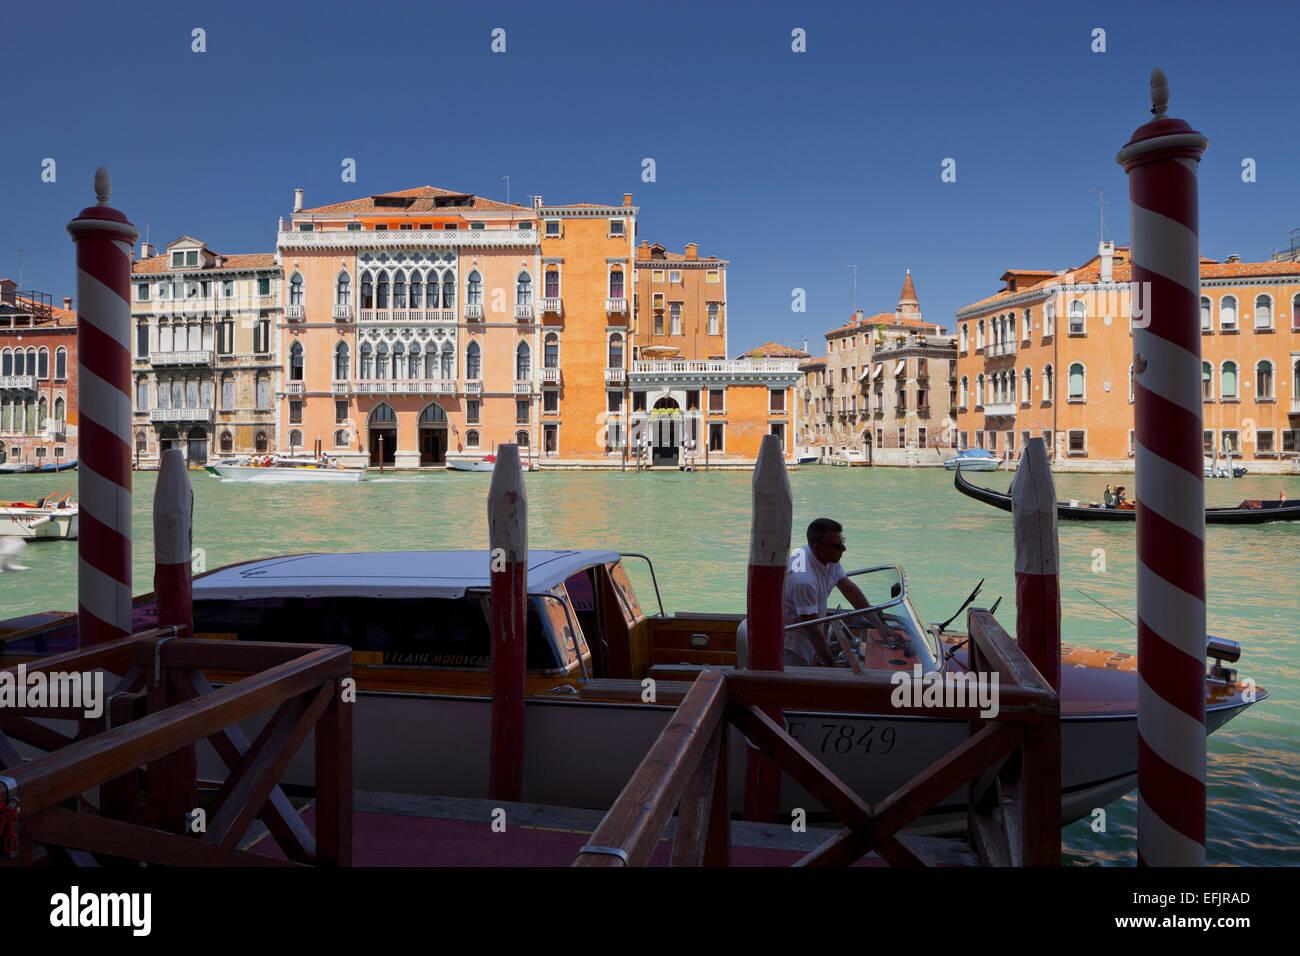 Jetty with boat on the Grand Channel, Palazzo Barbarigo della Stock ...